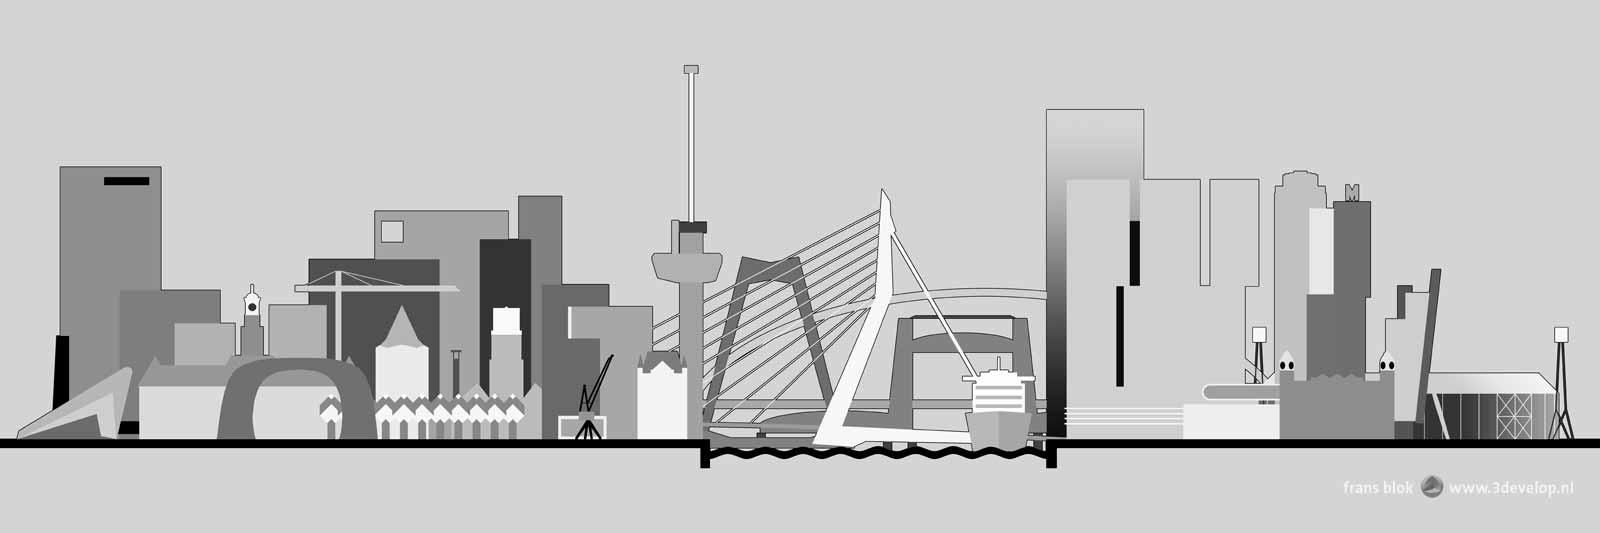 Grafische afbeelding van de skyline van Rotterdam, met onder andere Euromast, Erasmusbrug en Markthal, zoals die, vaak verborgen achter filmposters, aangebracht is op de gevel van de Pathe-bioscoop op het Schouwburgplein